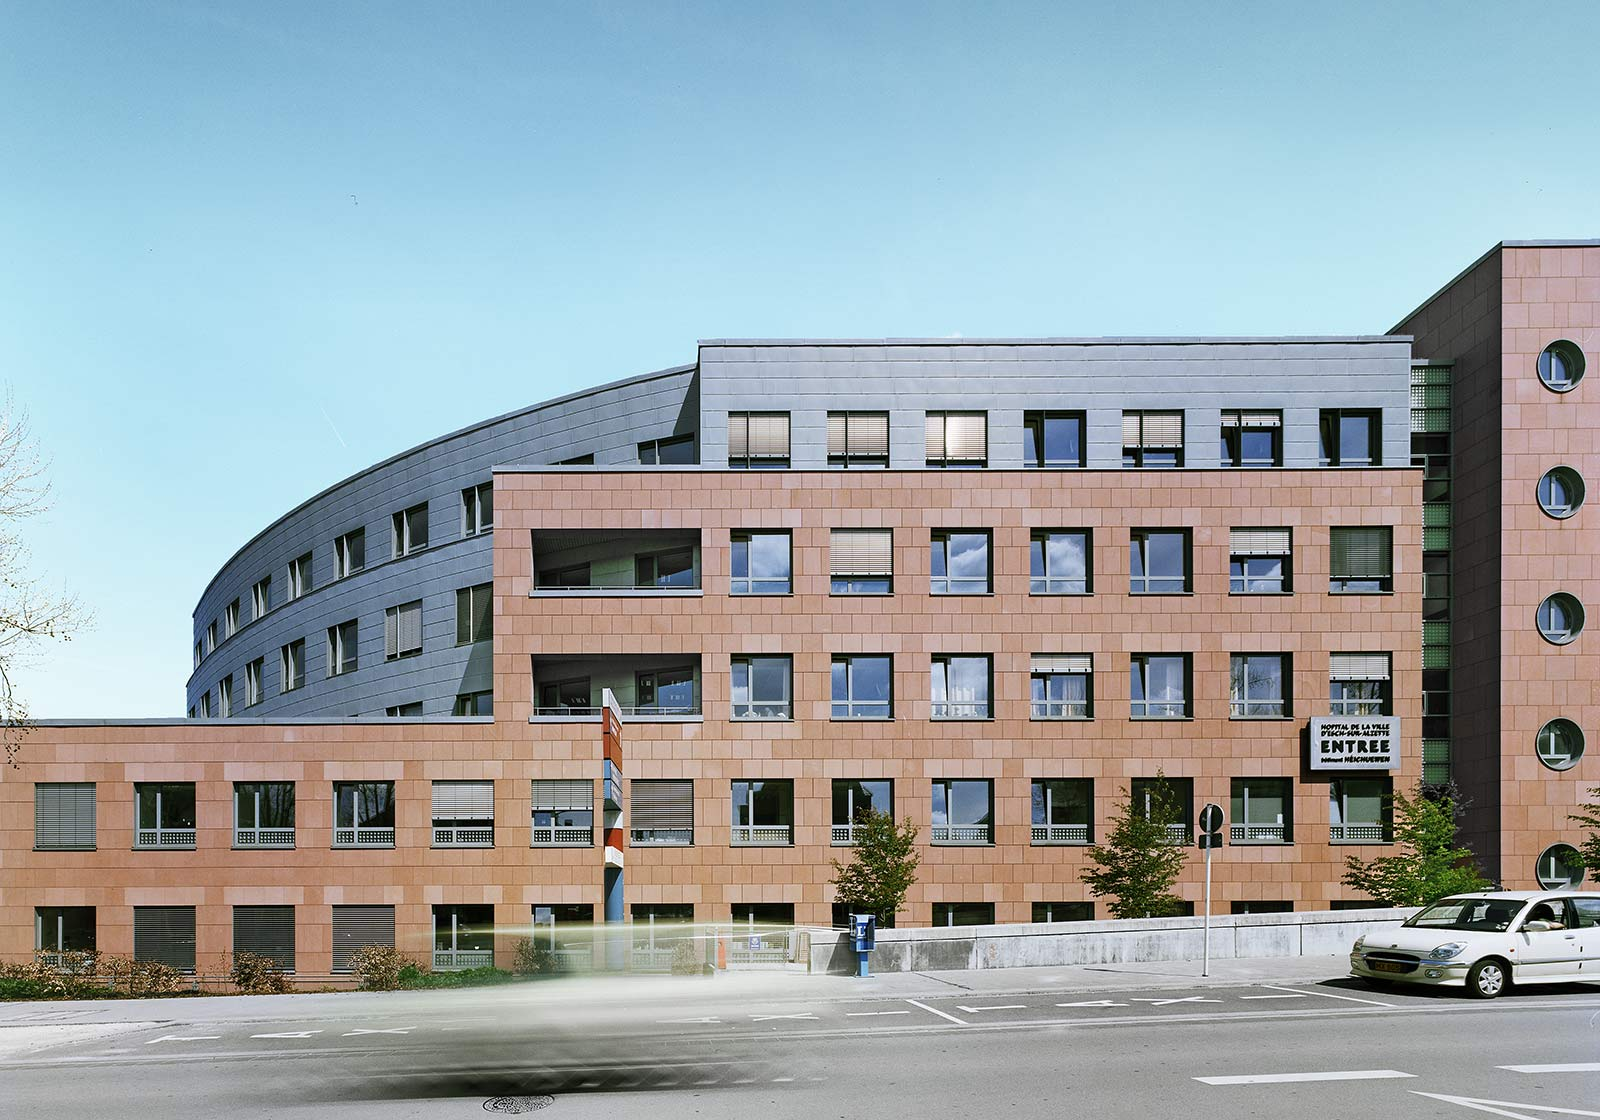 Hôpital de la Ville, Esch-sur-Alzette